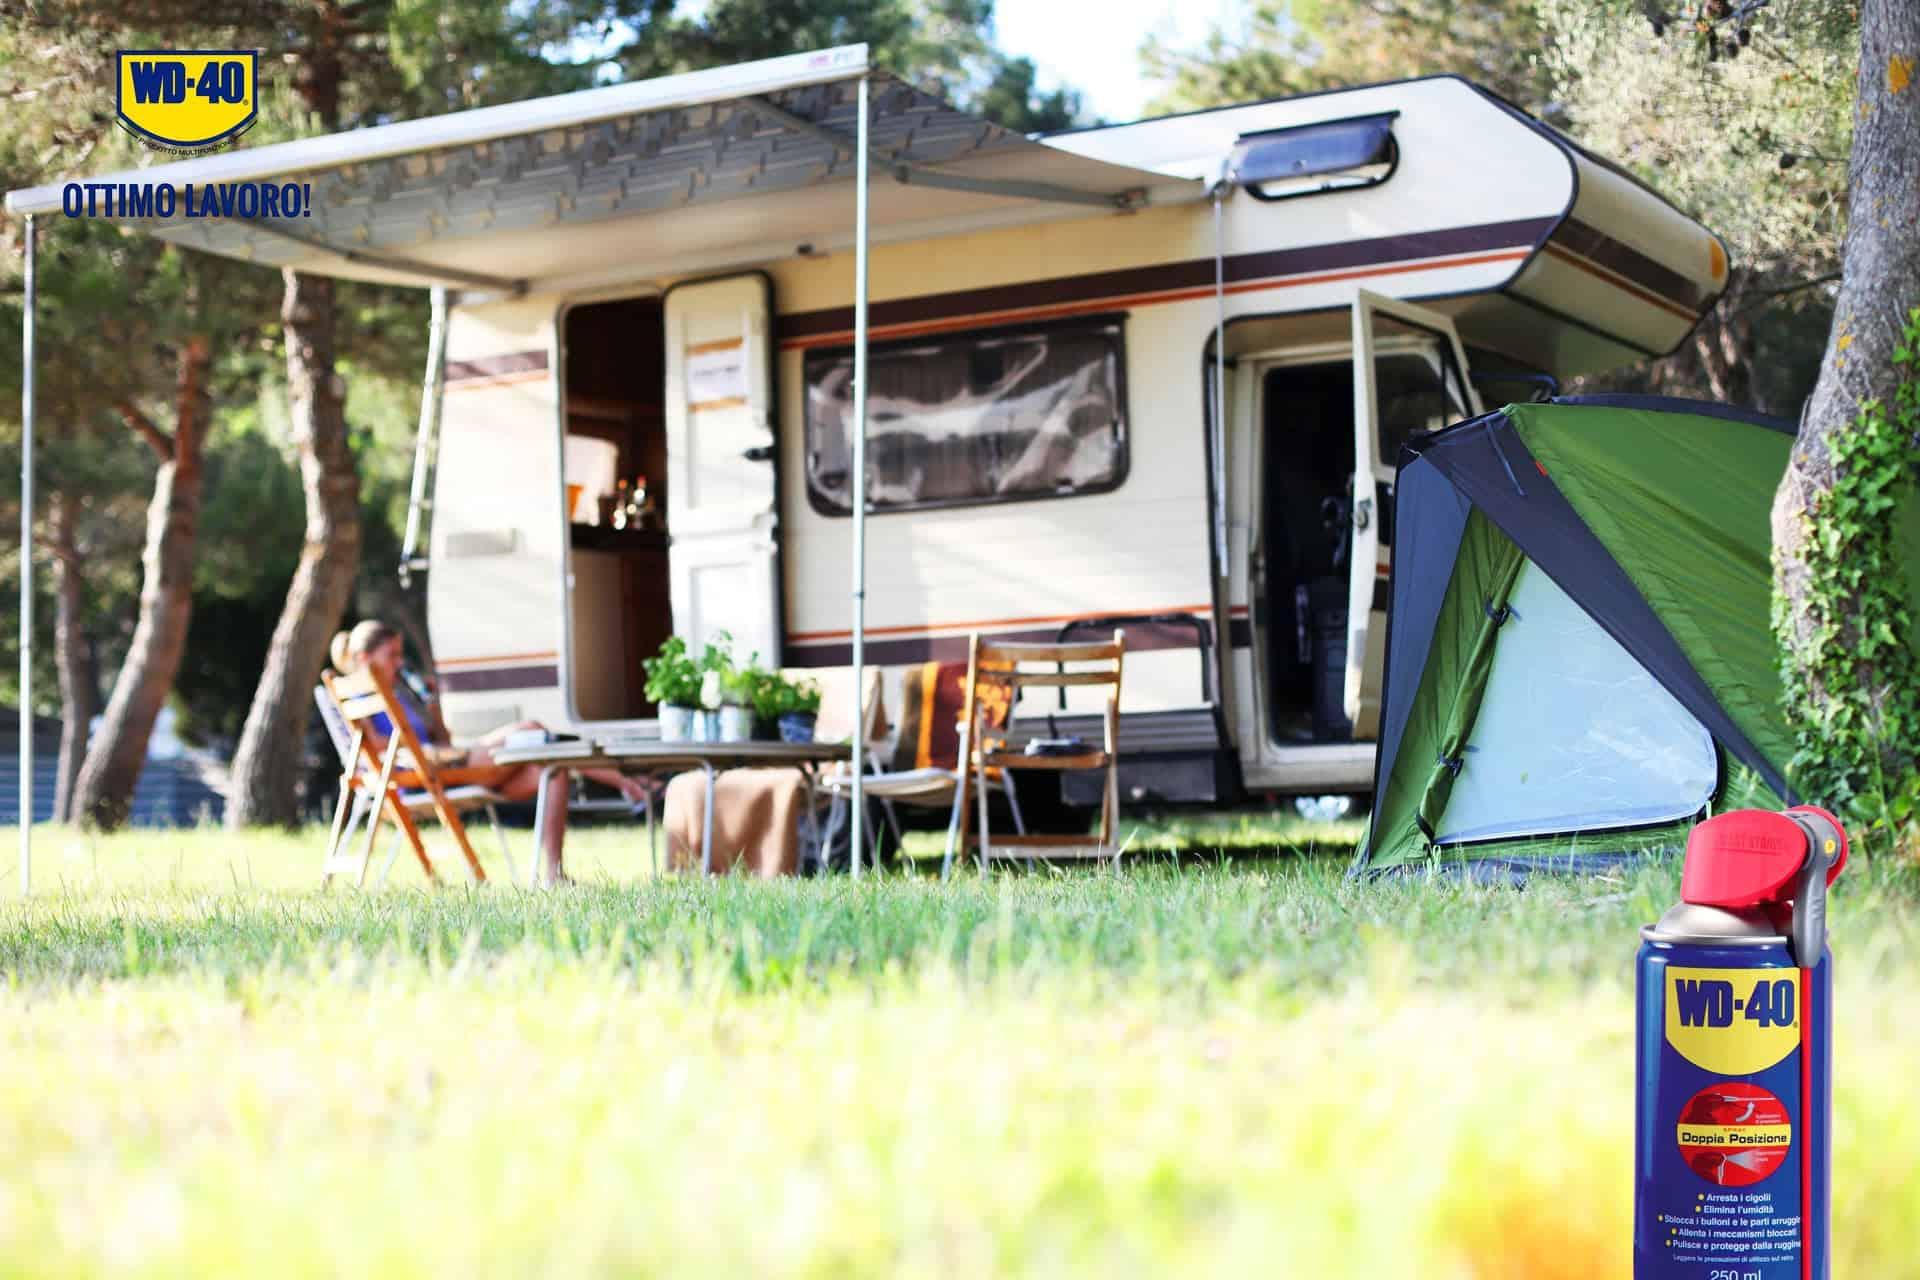 Campeggio WD-40